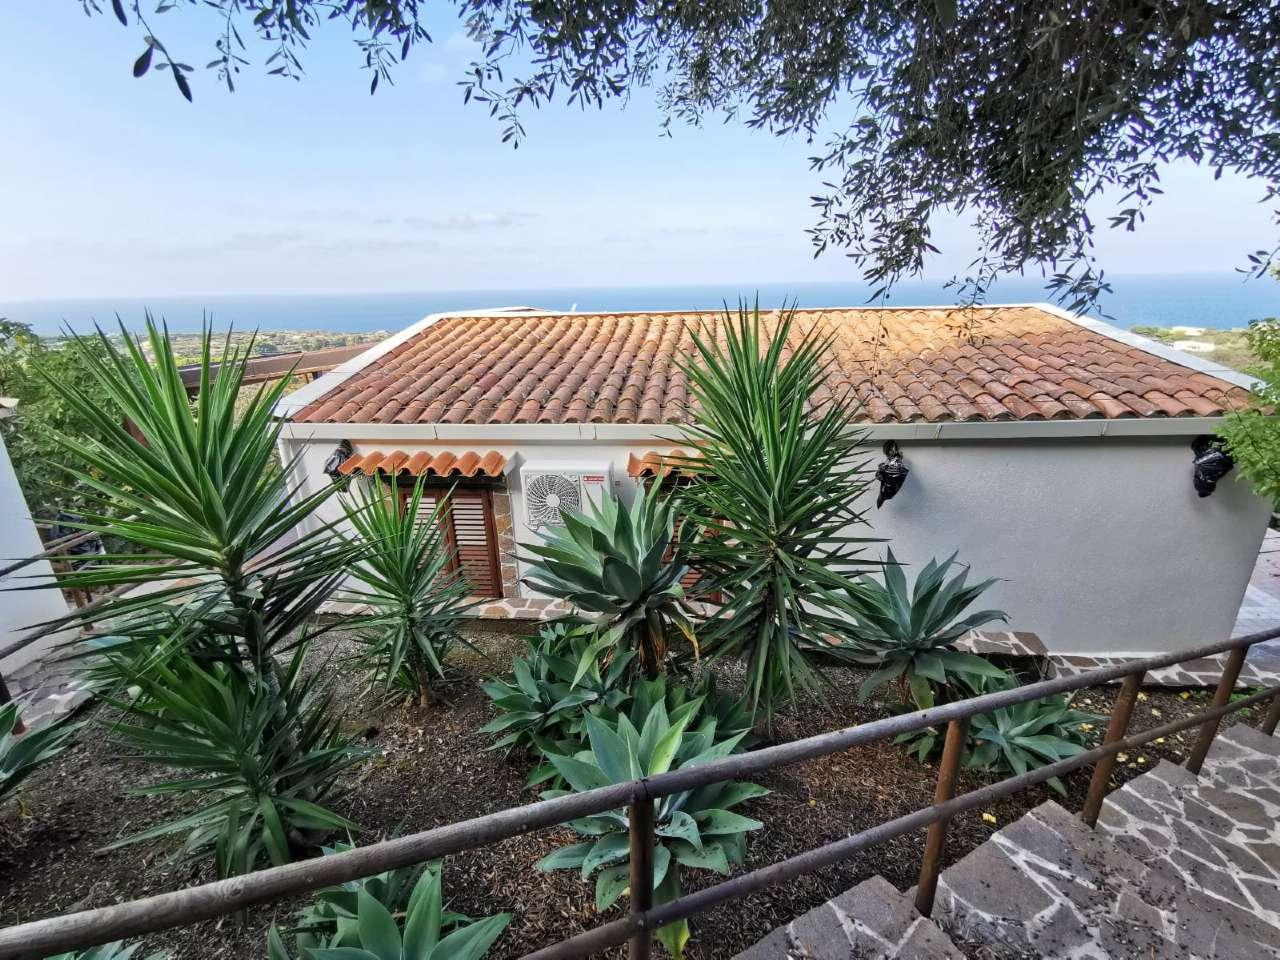 Villa in Vendita a Ustica: 2 locali, 65 mq